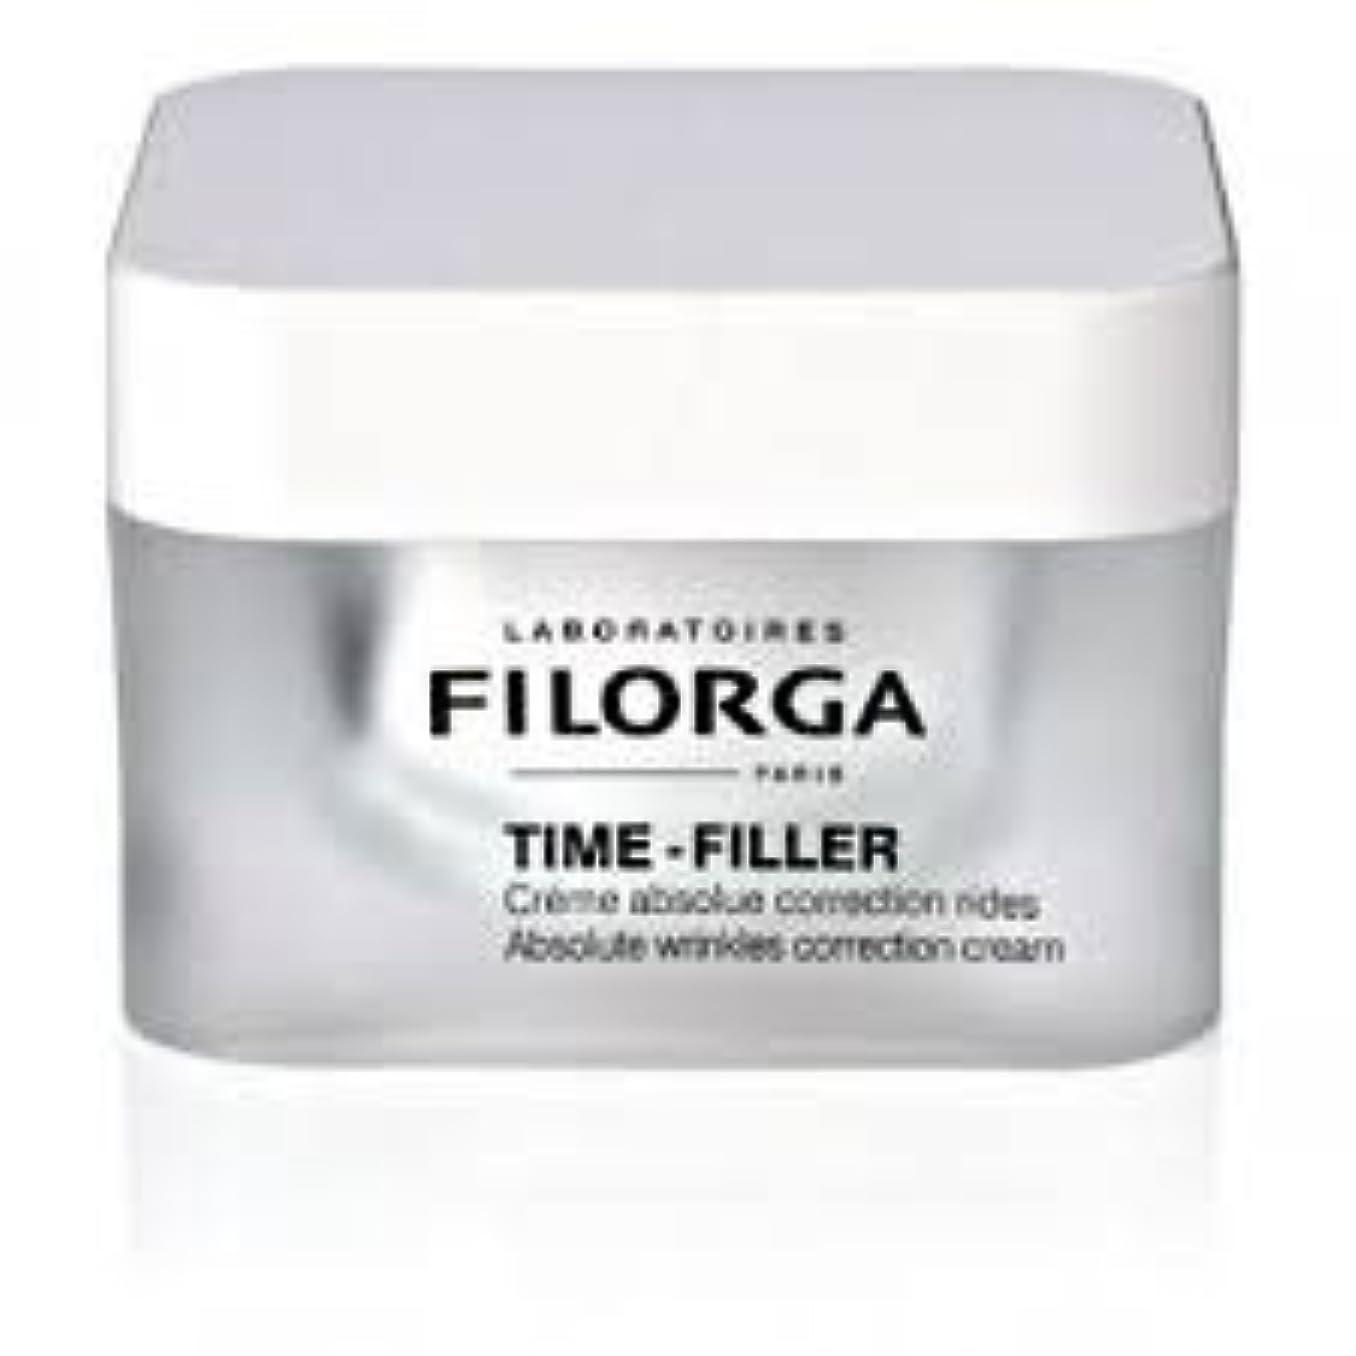 ひねりロータリー死フィロルガ[FILORGA]タイム フィラー 50ML TIME FILLER 50ML [海外直送品] [並行輸入品]